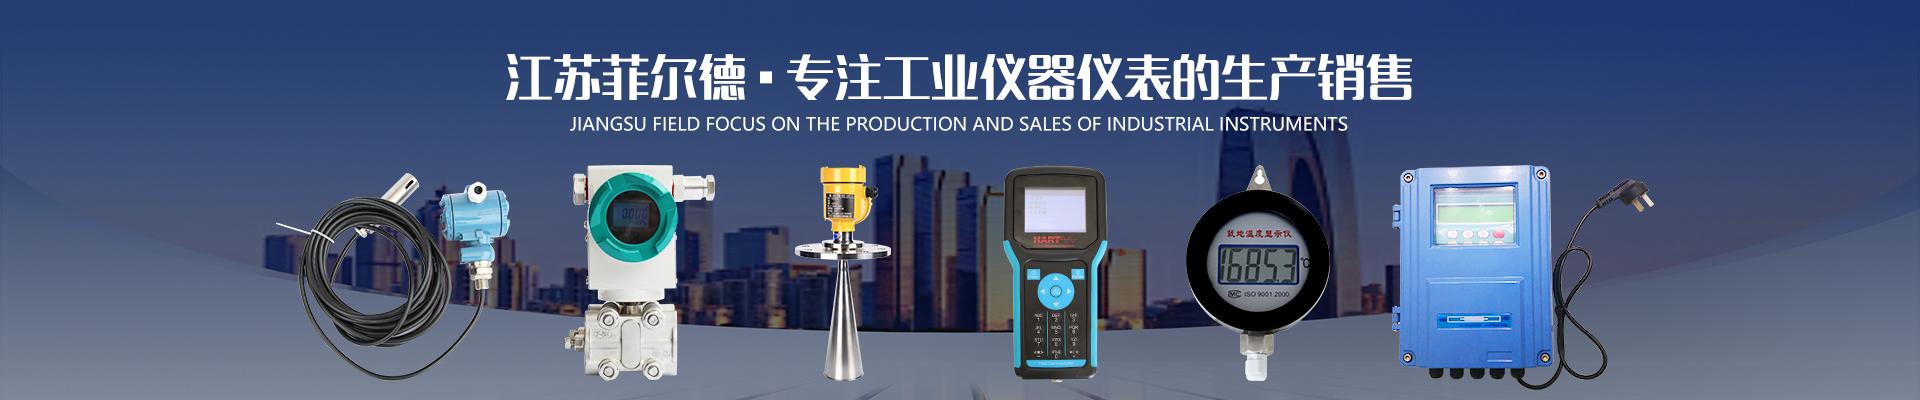 江蘇菲爾德自動化儀表有限公司公司介紹